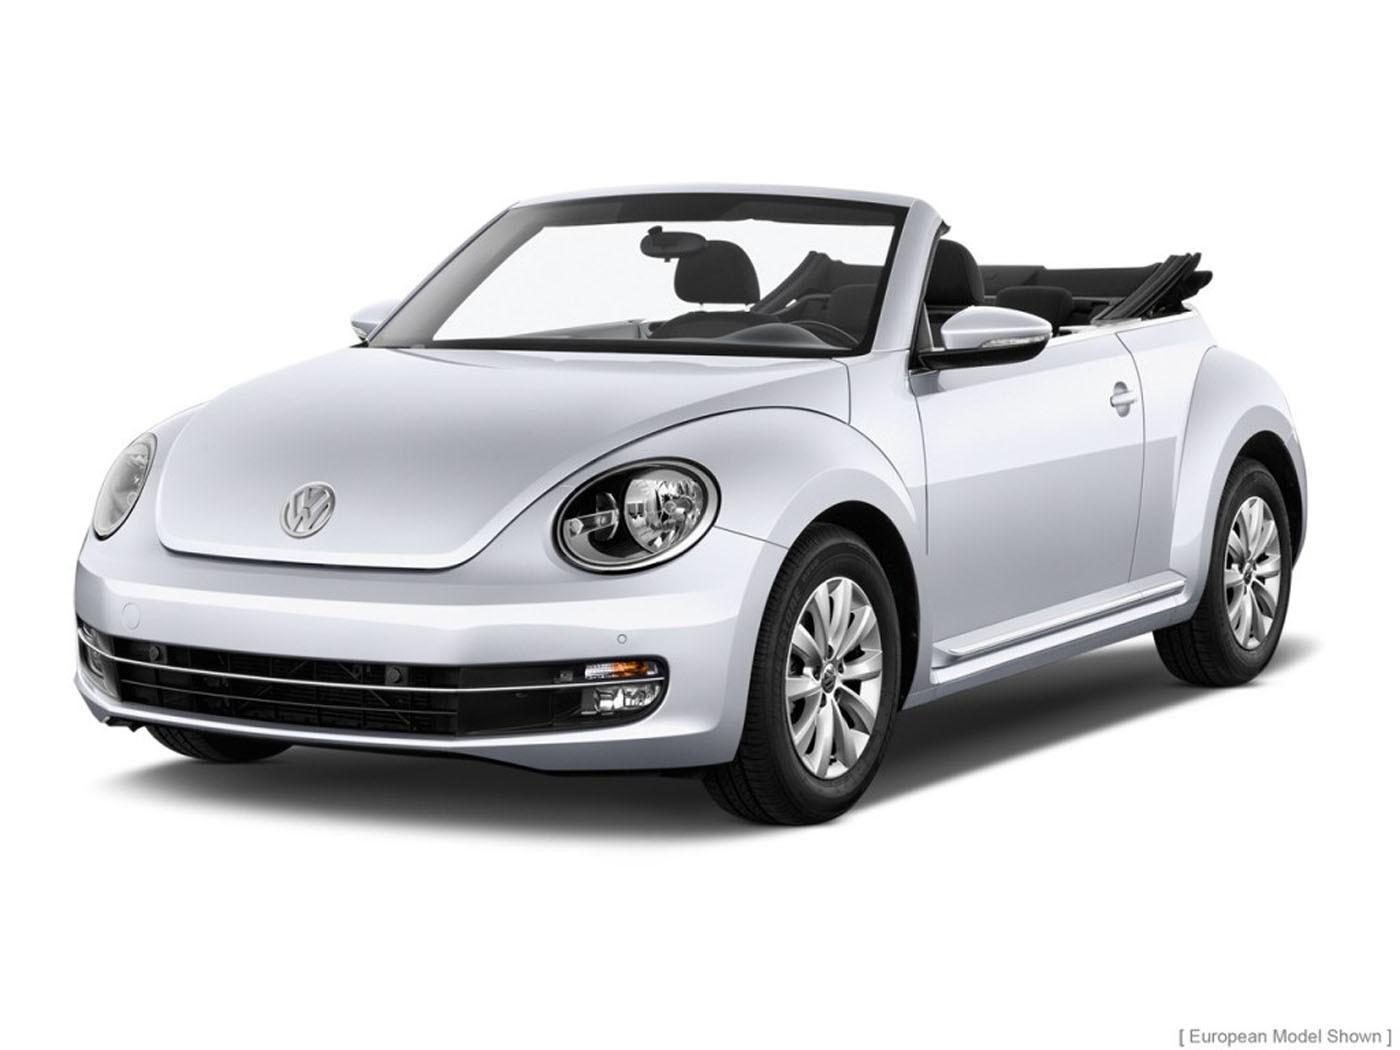 Auto News | Bildrechte: Volkswagen. BorgWarner produziert vor Ort Steuerketten und Kettenspanner für die neuen in Mexiko hergestellten 2,0- und 1,8-Liter Reihenvierzylinder-Motoren von Volkswagen. Die kraftstoffsparenden Motoren kommen in den Volkswagen-Modellen Jetta und Beetle in Nordamerika zum Einsatz.